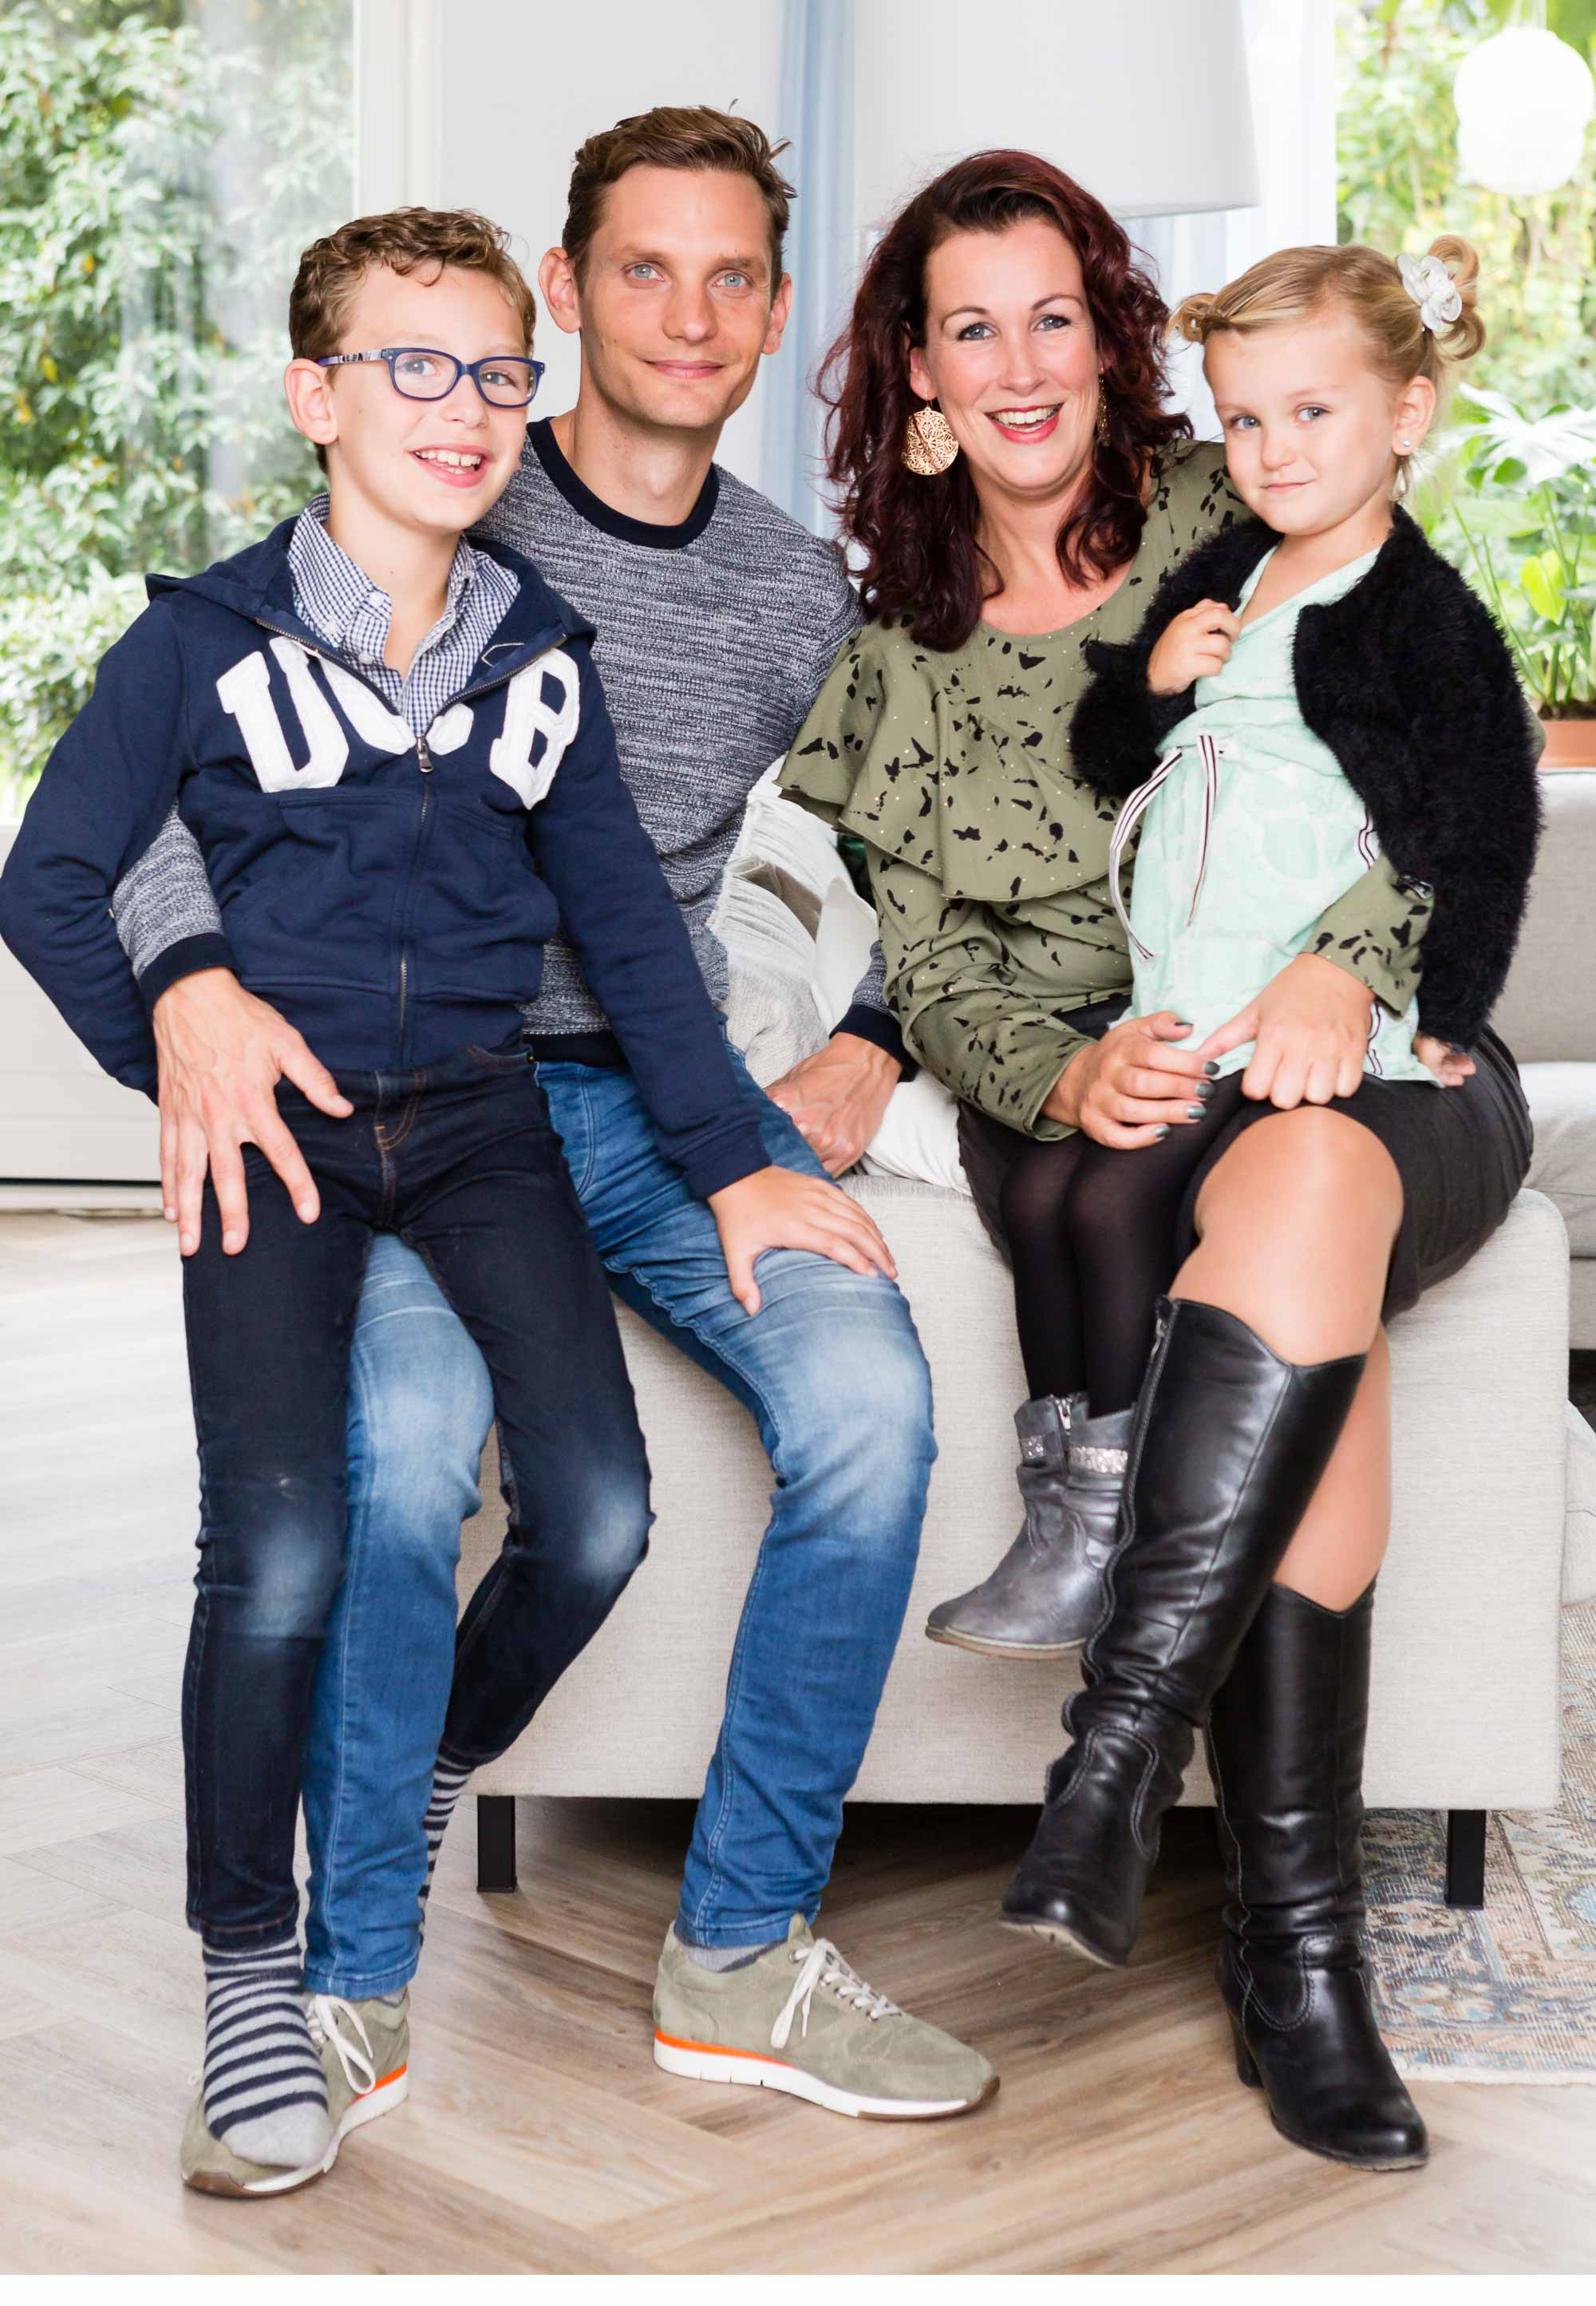 Familie-uit-Zwaag-wvojh